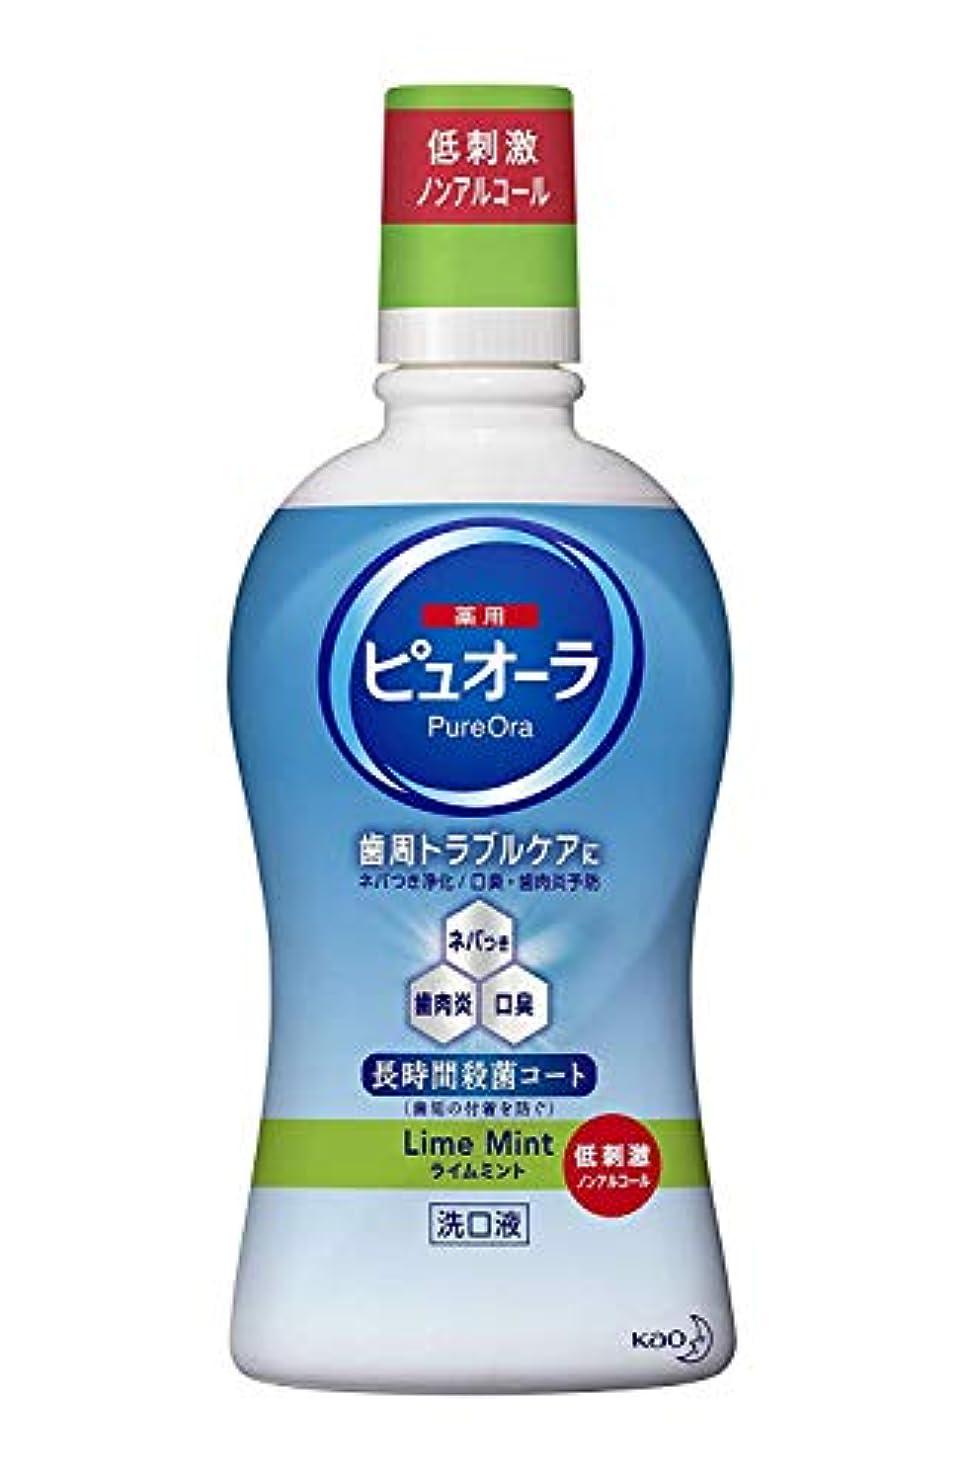 バーガーノート思いつく【花王】薬用ピュオーラ洗口液 ノンアルコール 420ml ×20個セット